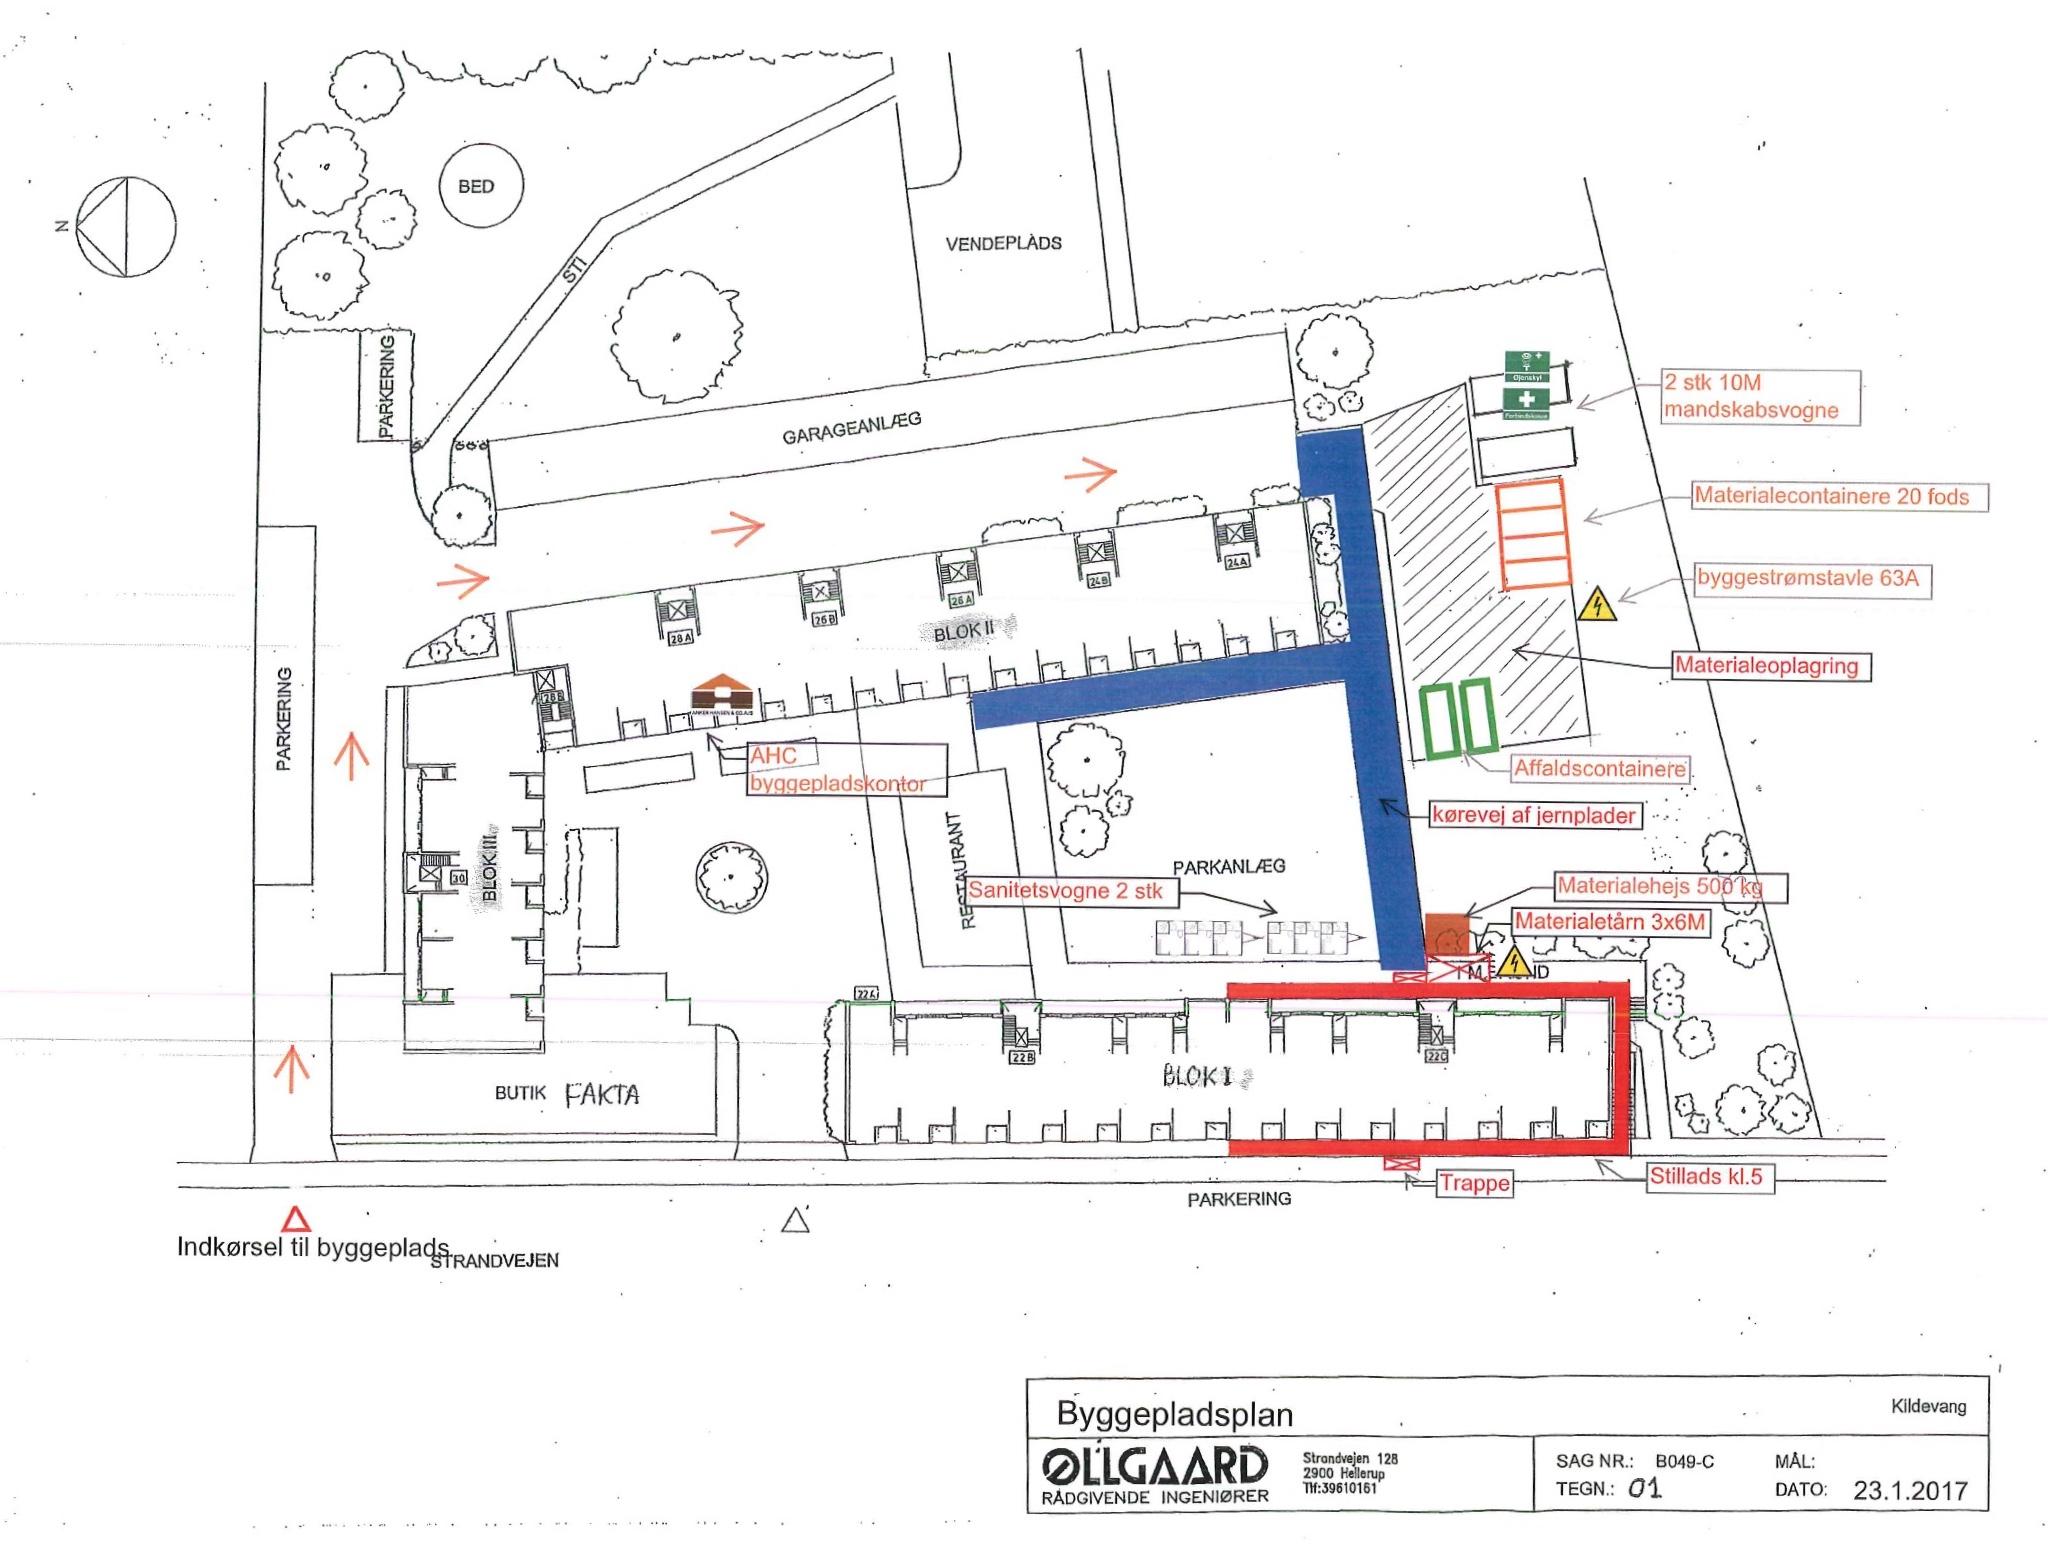 Byggepladsplan